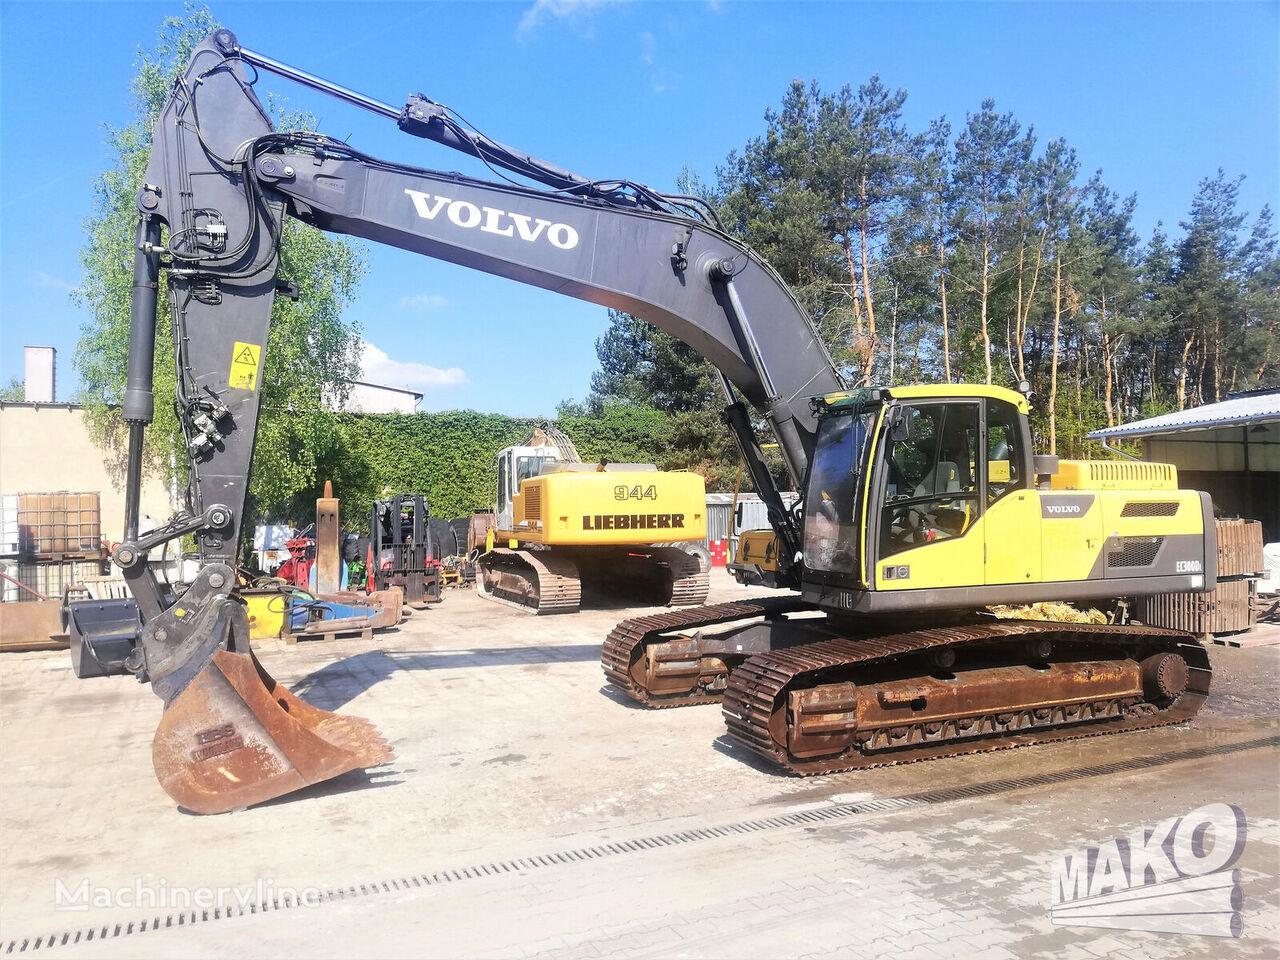 VOLVO EC 300 tracked excavator